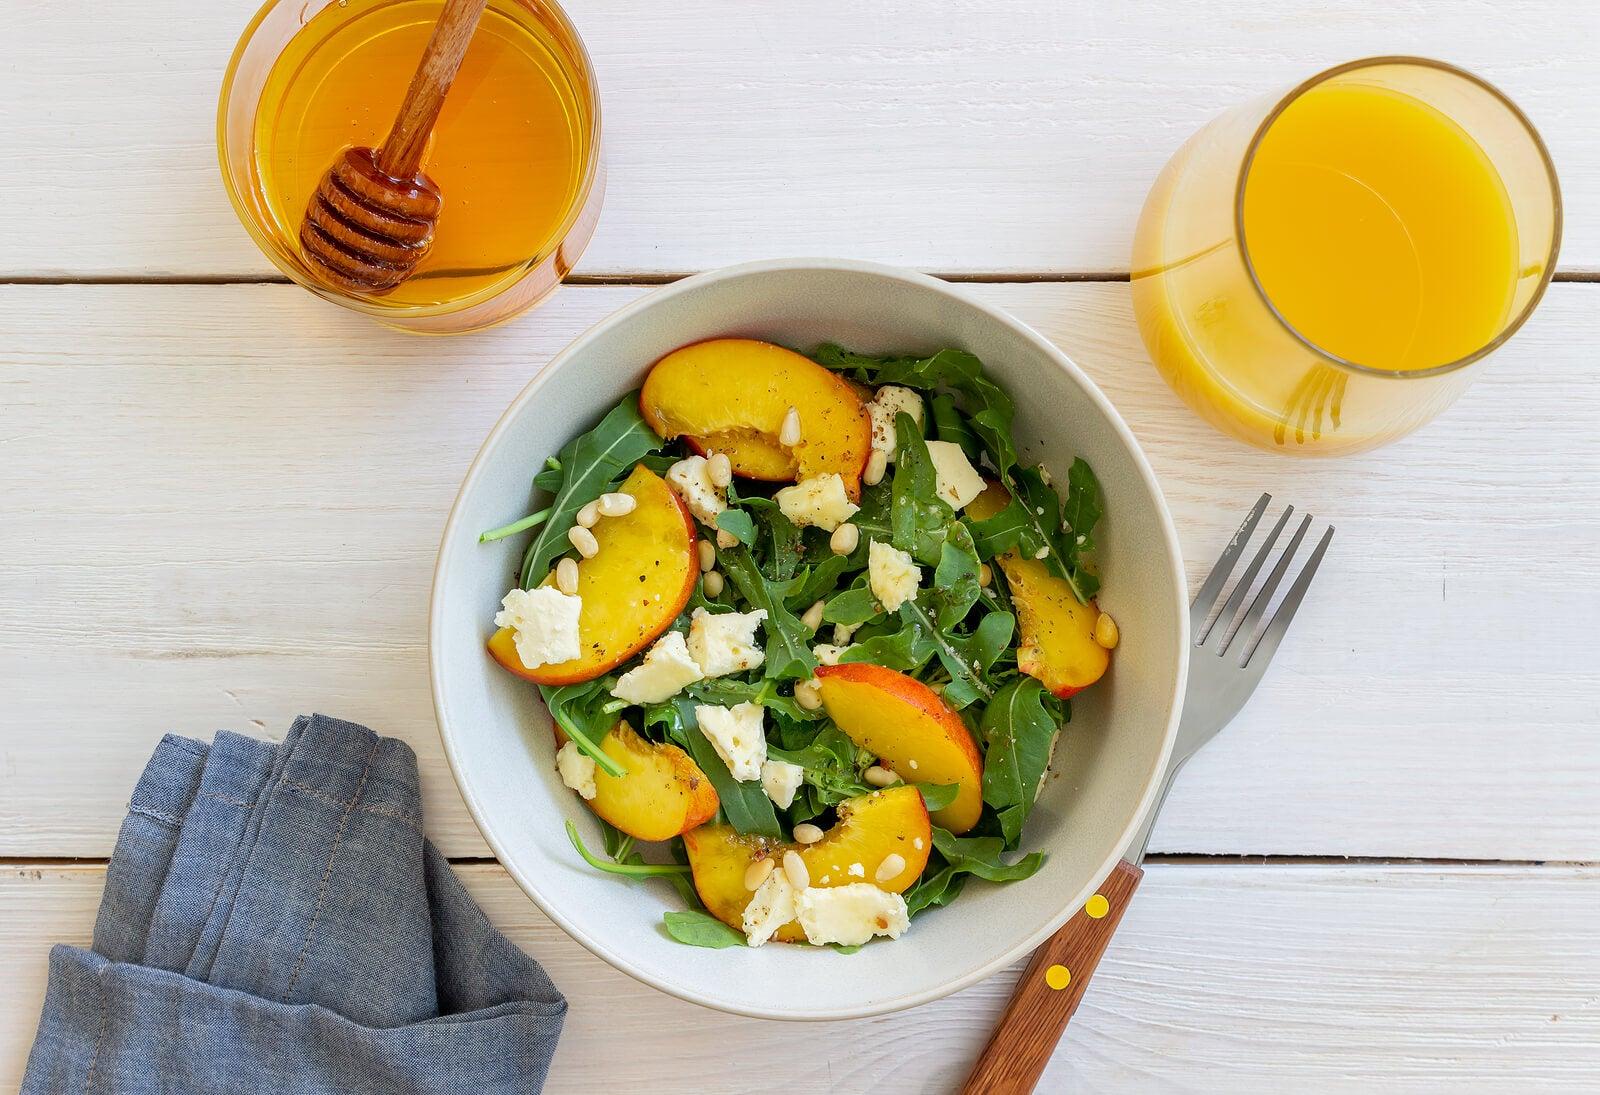 Ensalada de rúcula y melocotón, una de las recetas con fruta veraniega para niños.